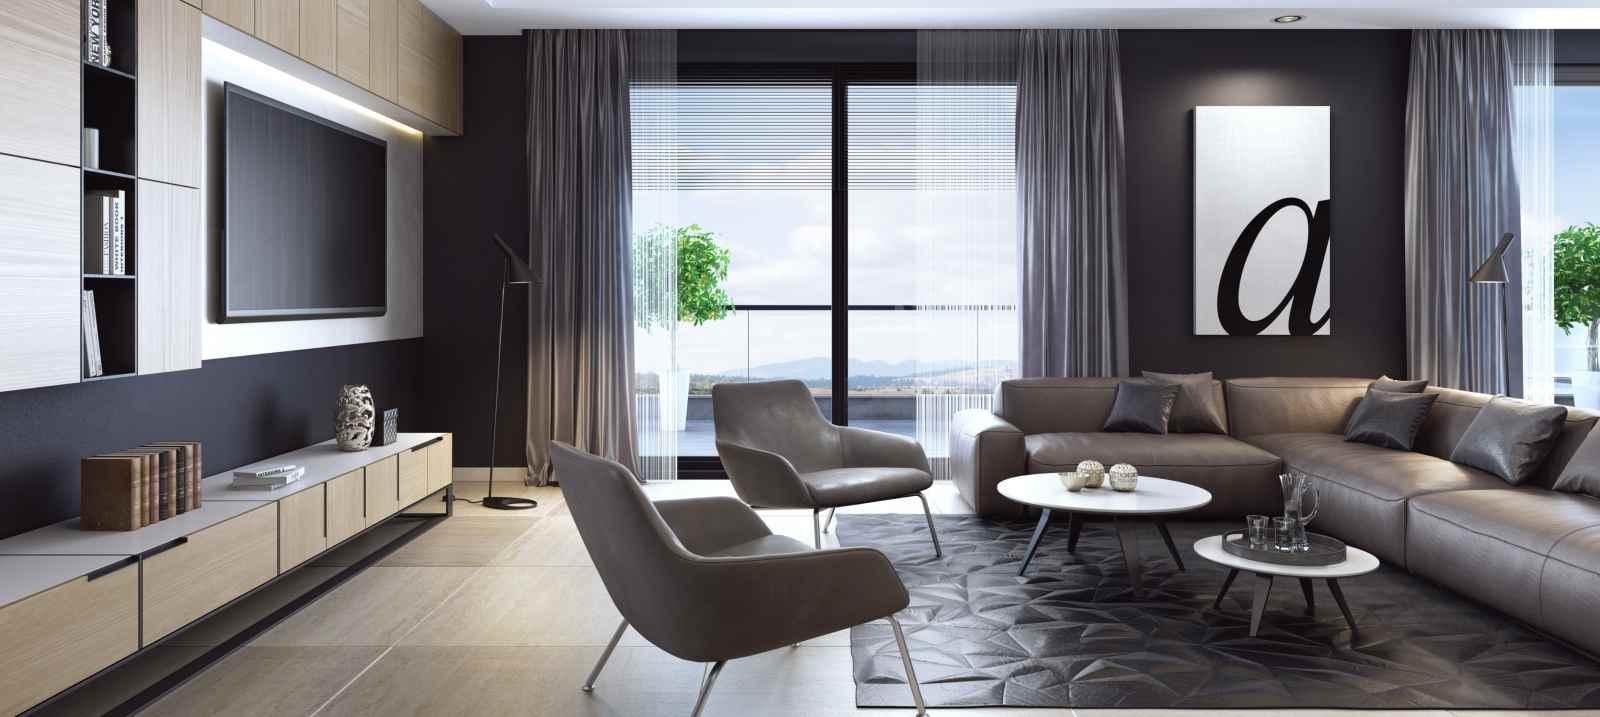 Tendance Couleur Deco 2019 tendances décoration intérieure 2019 | blog oknoplast